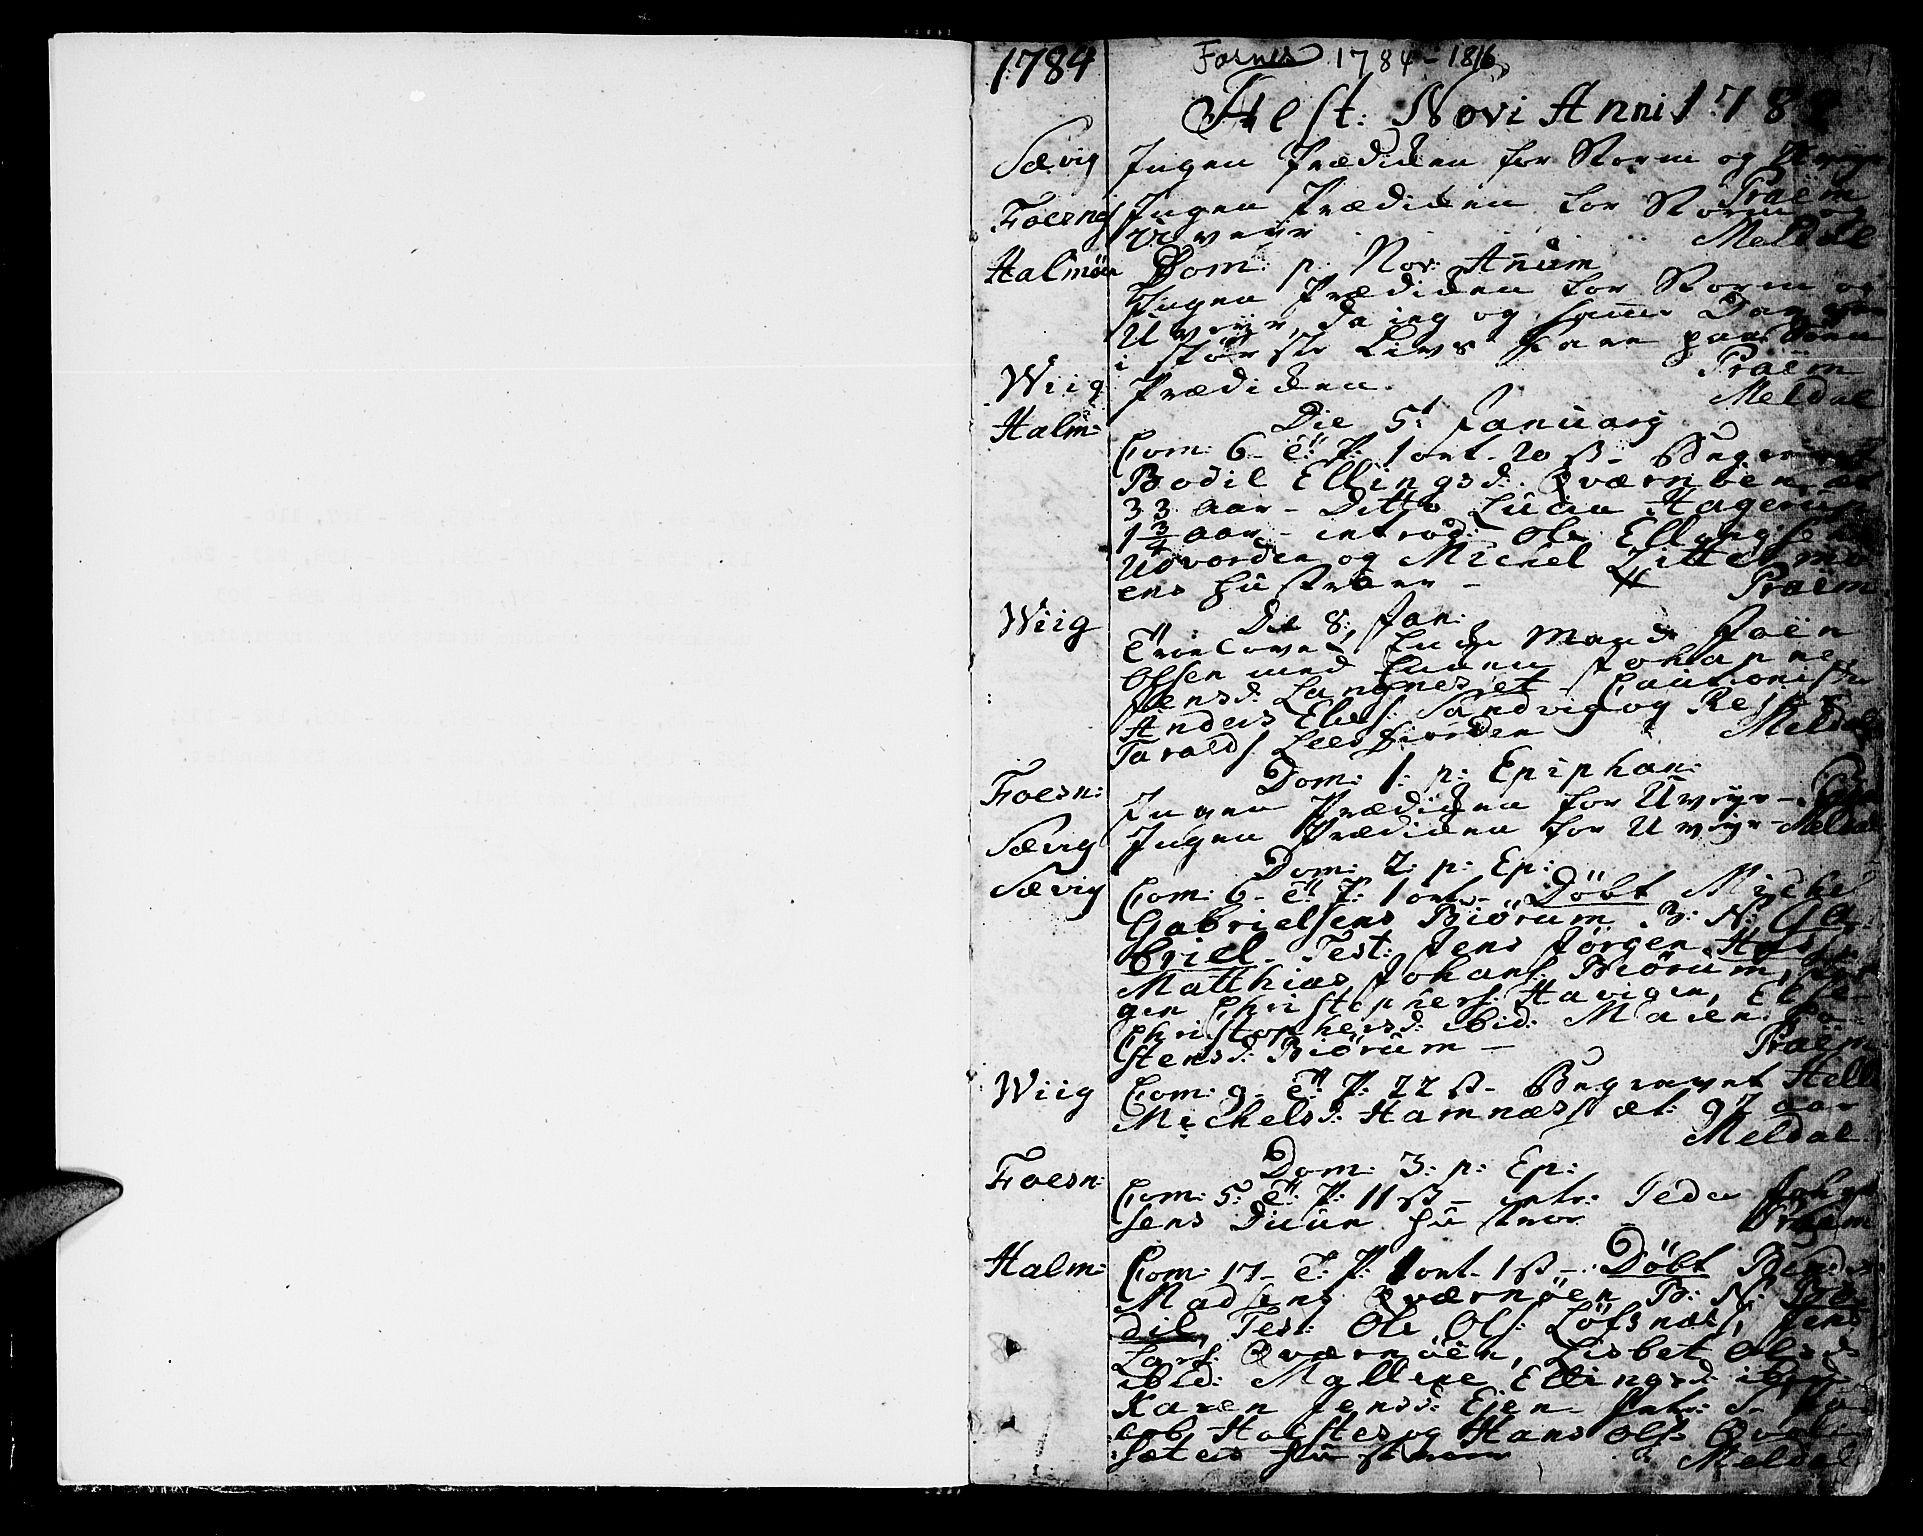 SAT, Ministerialprotokoller, klokkerbøker og fødselsregistre - Nord-Trøndelag, 773/L0608: Ministerialbok nr. 773A02, 1784-1816, s. 1